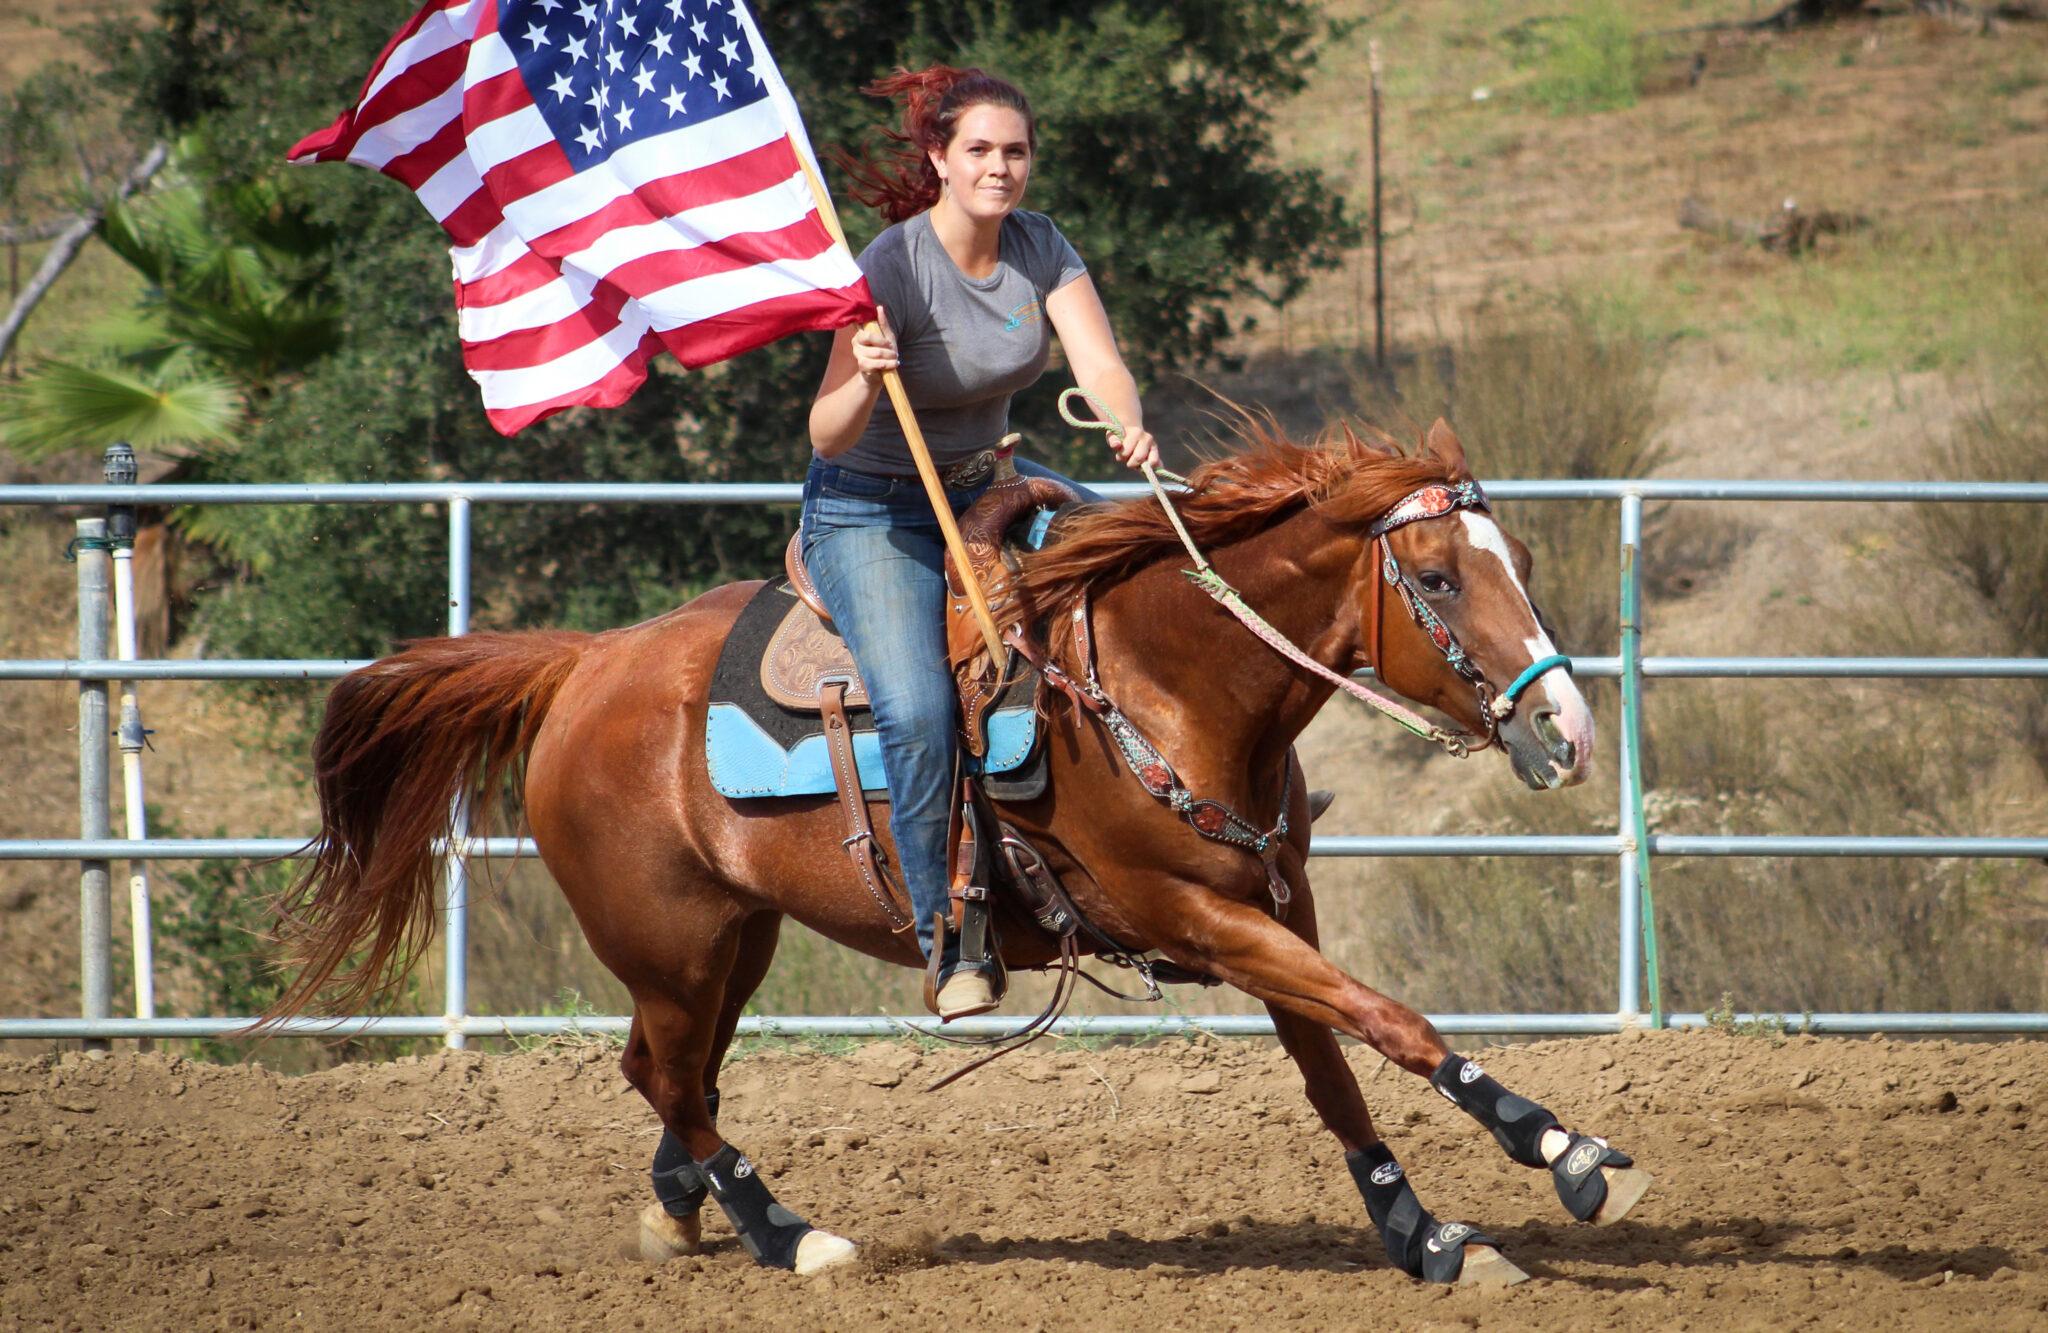 Horse Breed: Quarter Horse - photo by Christine Benton on Unsplash - Globetrotting horse riding holidays